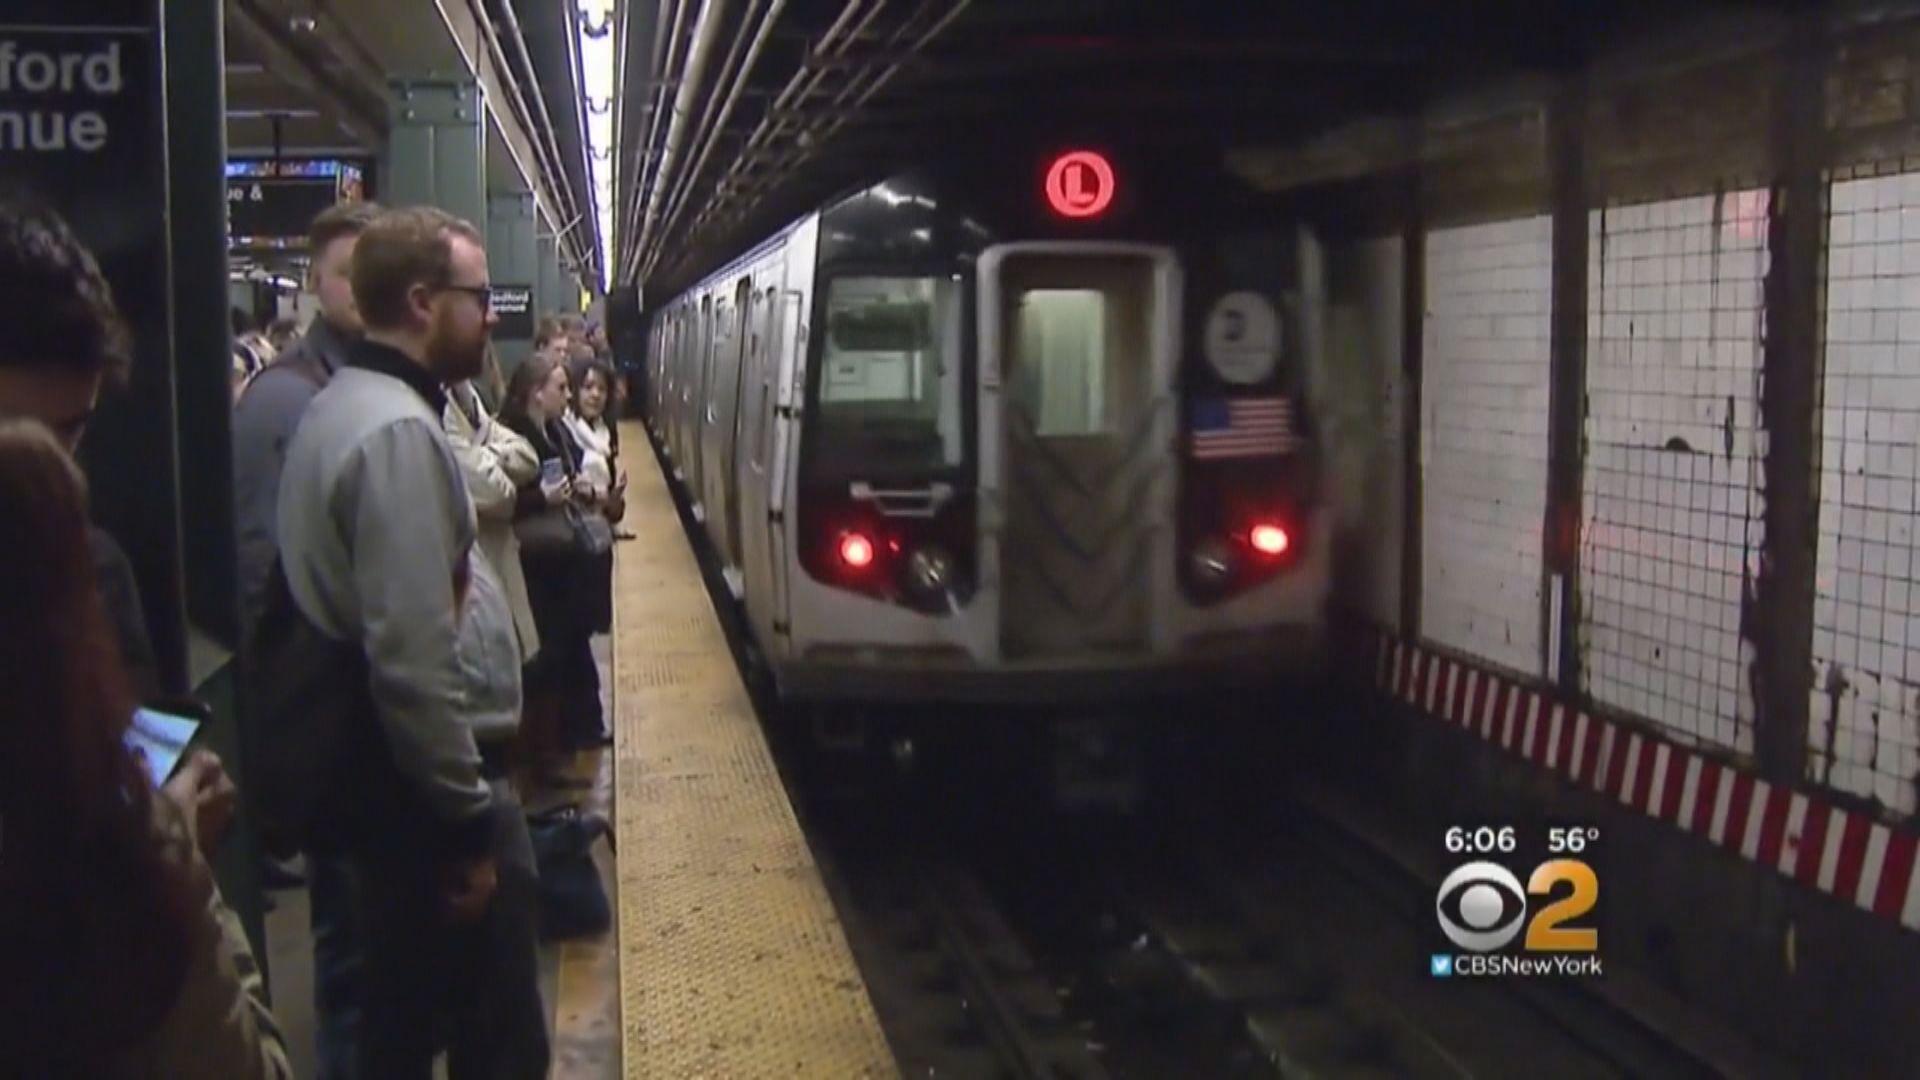 紐約地鐵L線將維修但毋須停駛